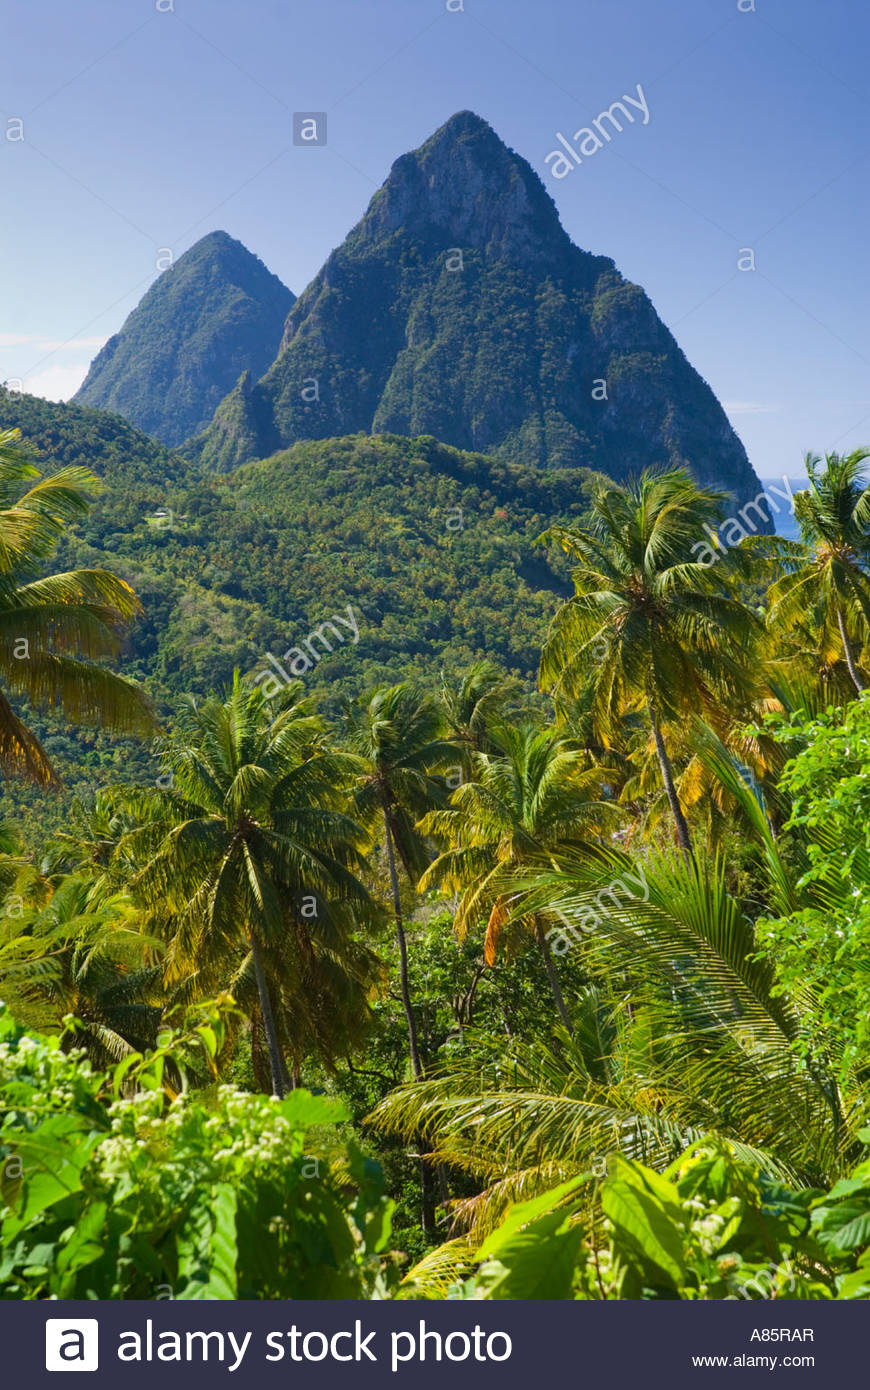 Die Pitons, in der Nähe von Soufrière, St. Lucia, Inseln unter dem Winde, Caribbean Stockbild